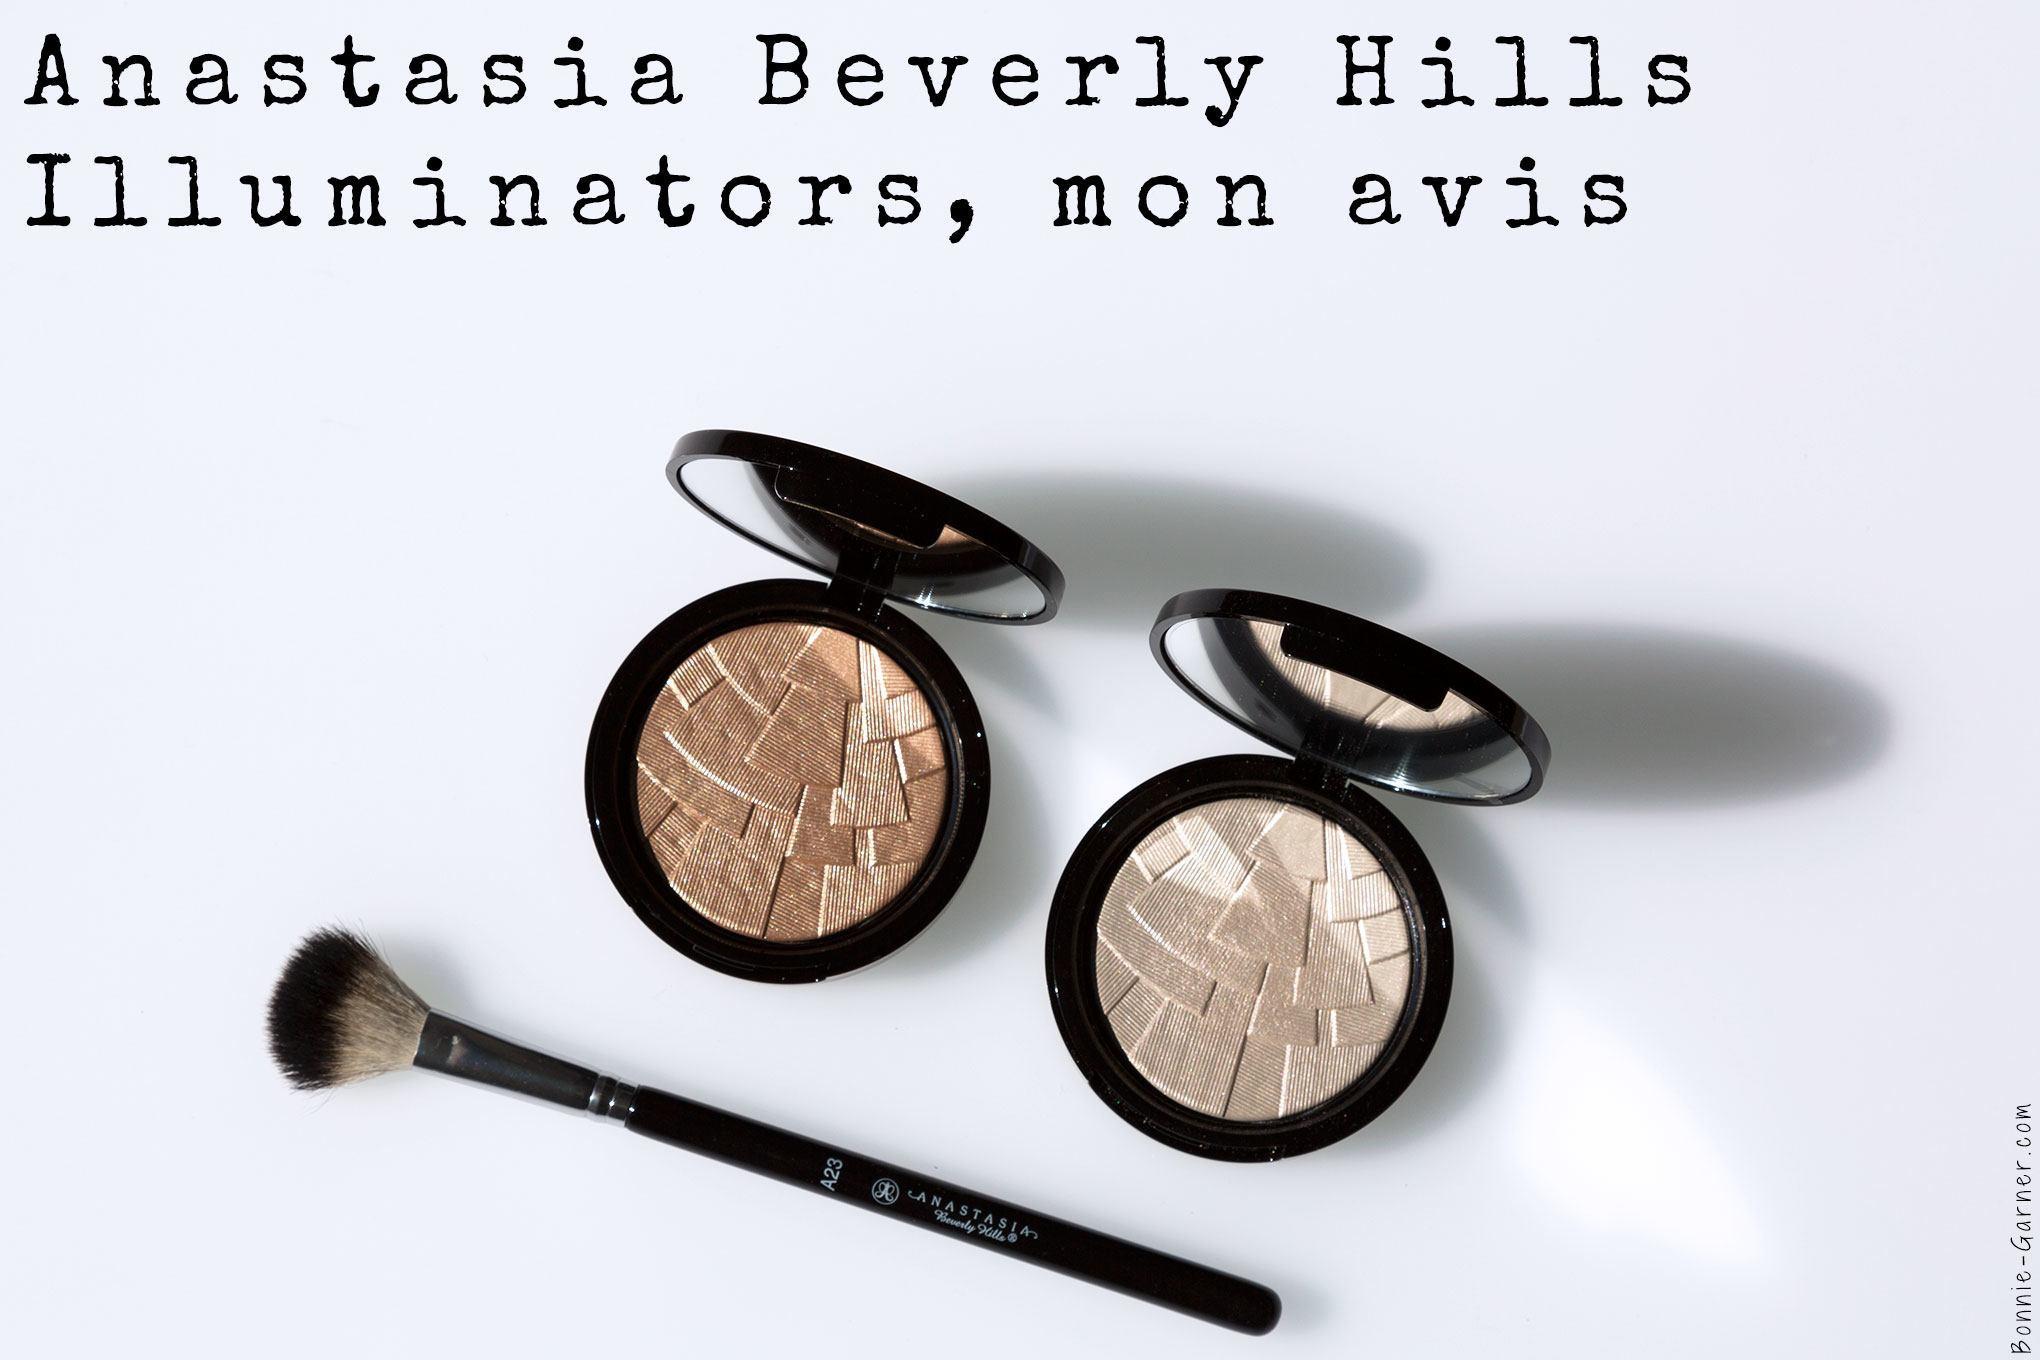 Anastasia Beverly Hills Illuminators, mon avis